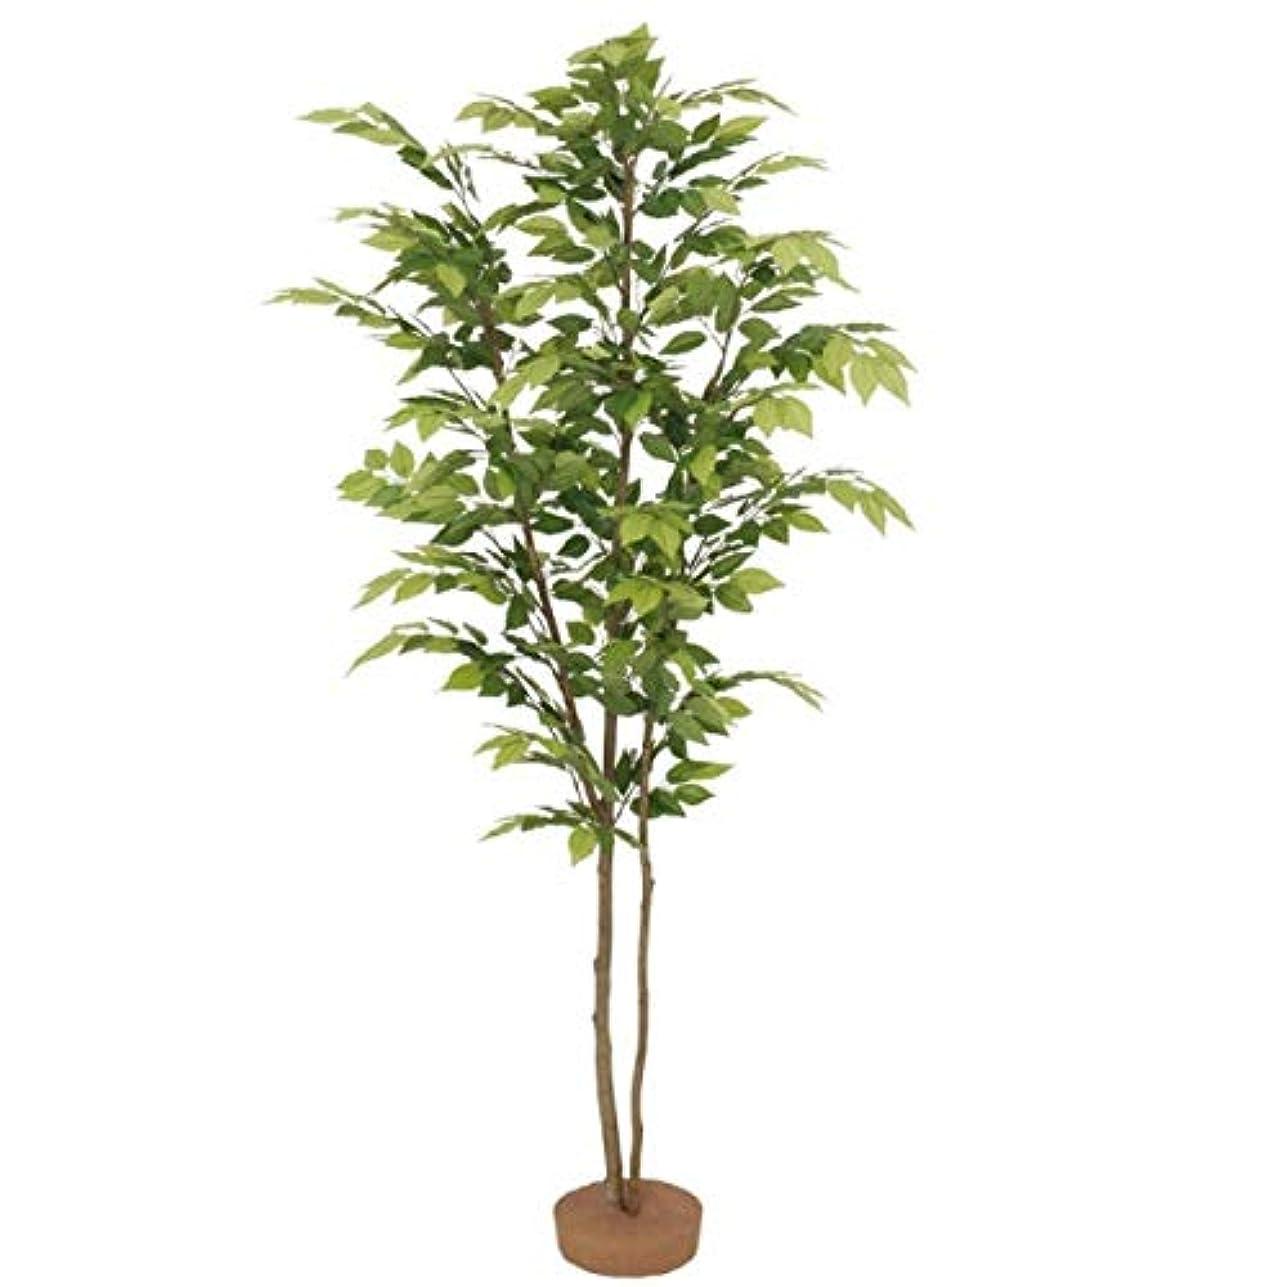 シェア耐える流星『人工植栽』 タカショー グリーンデコ和風 ケヤキ 鉢無 1.8m GD-69#21486000